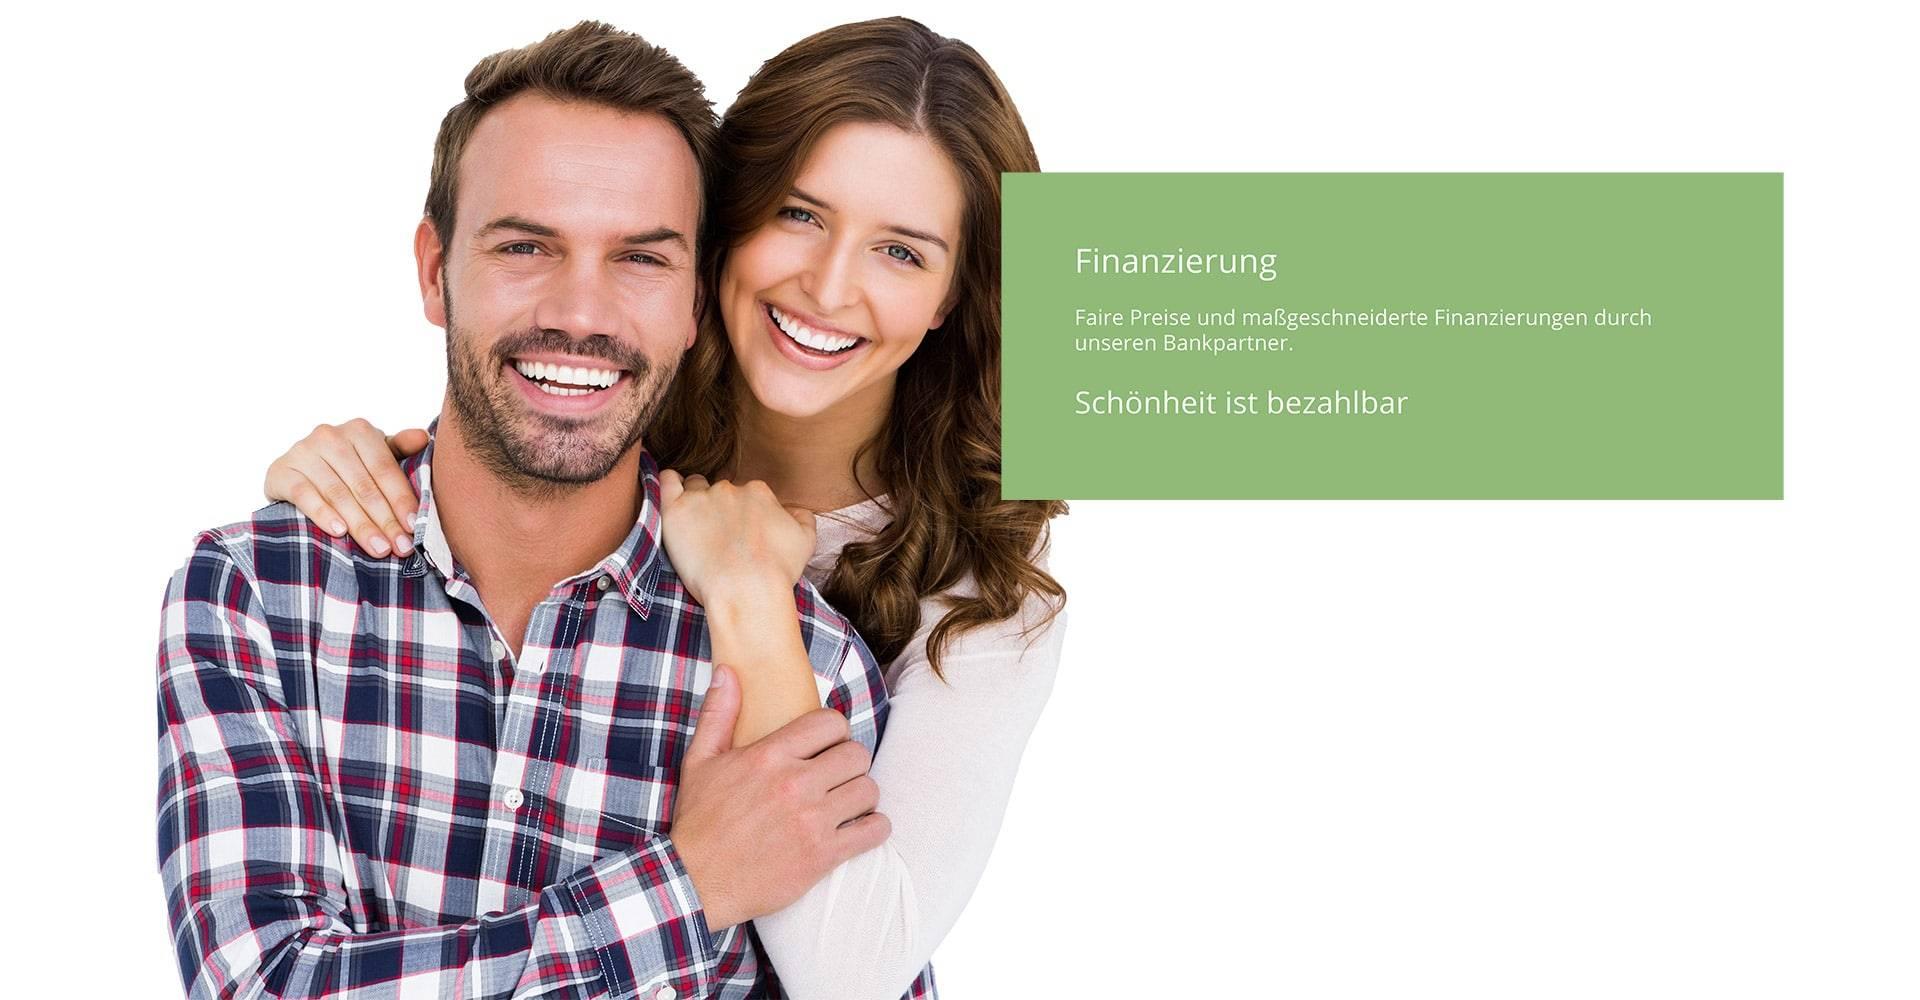 Finanzierung | Die Ästheten